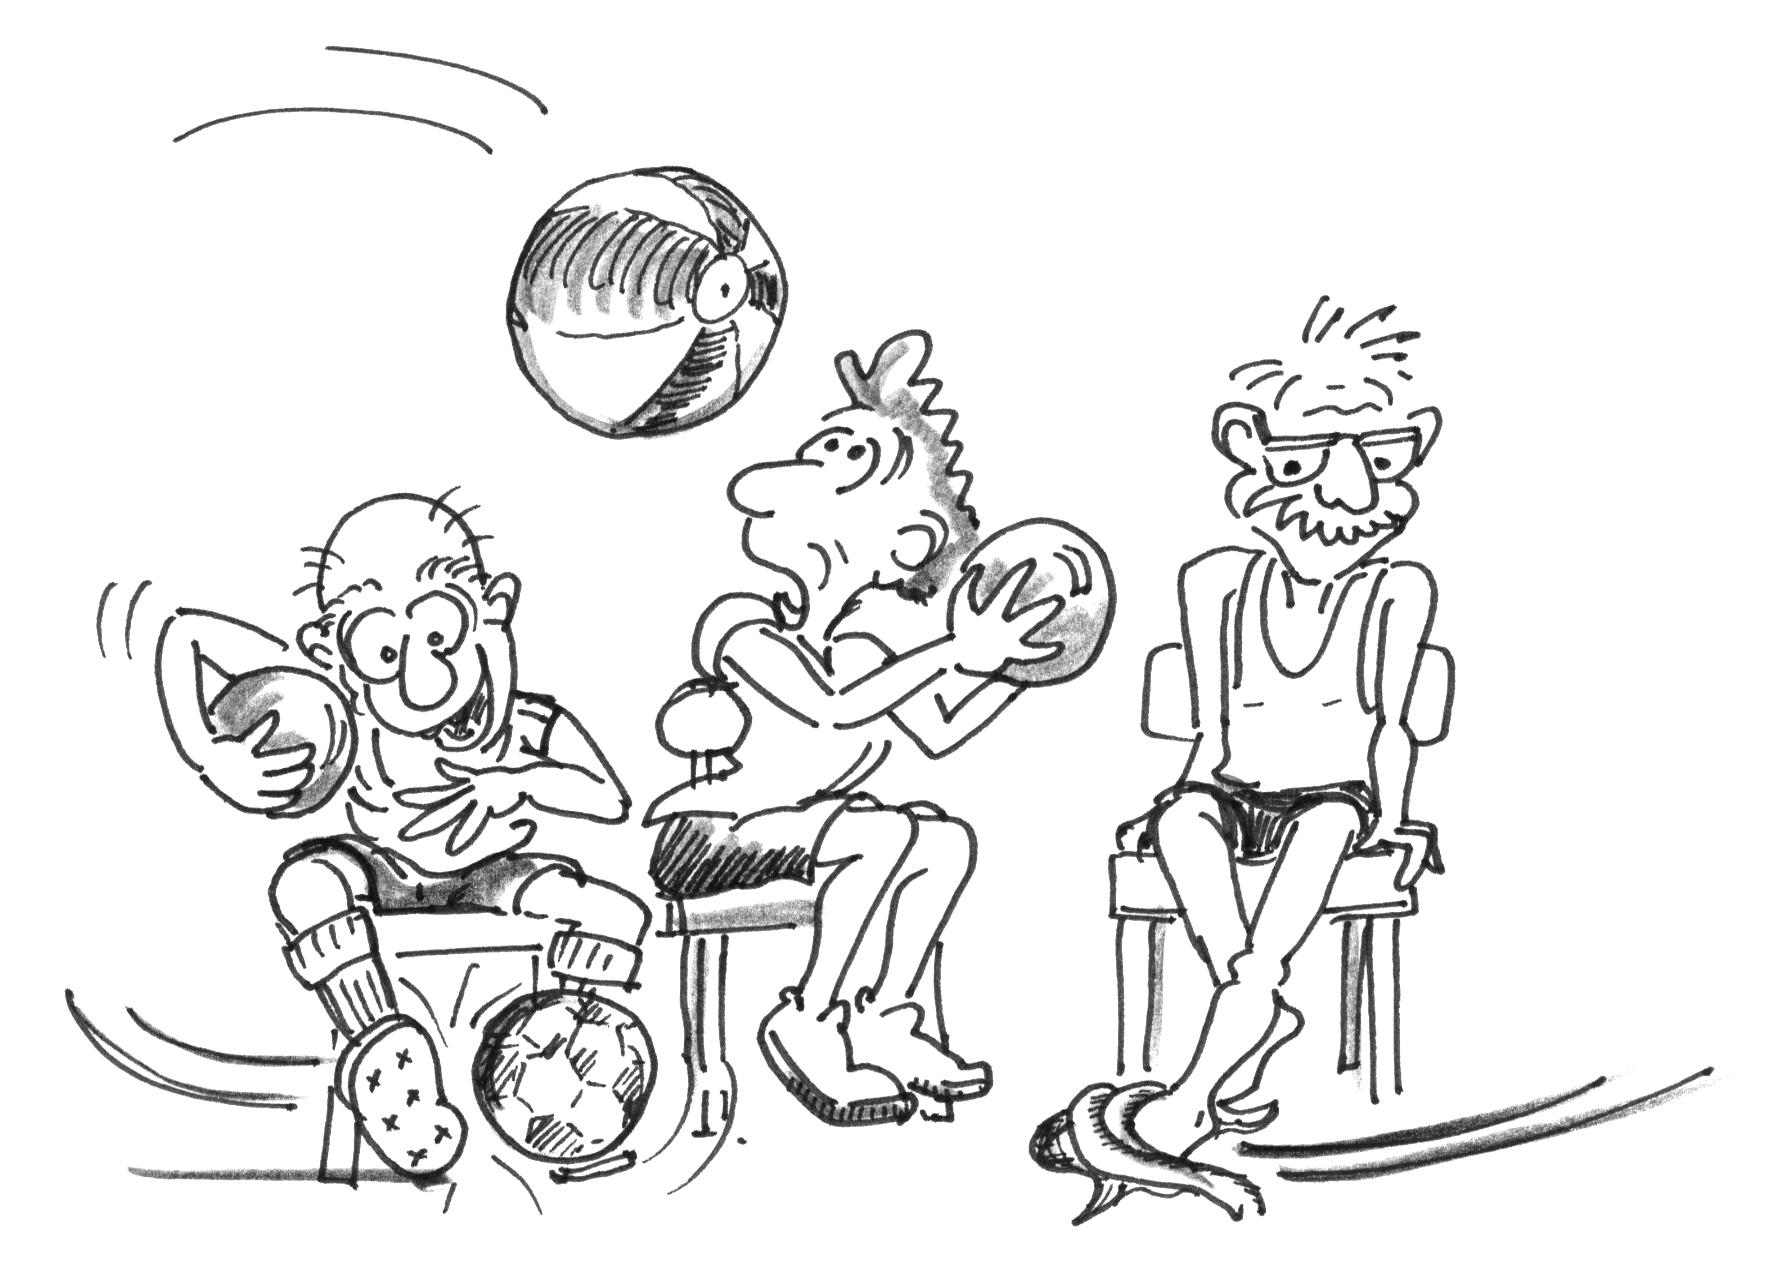 Jeux Sur La Chaise Pour 60 Ans Et Plus – Partie Principale tout Exercice Ludique